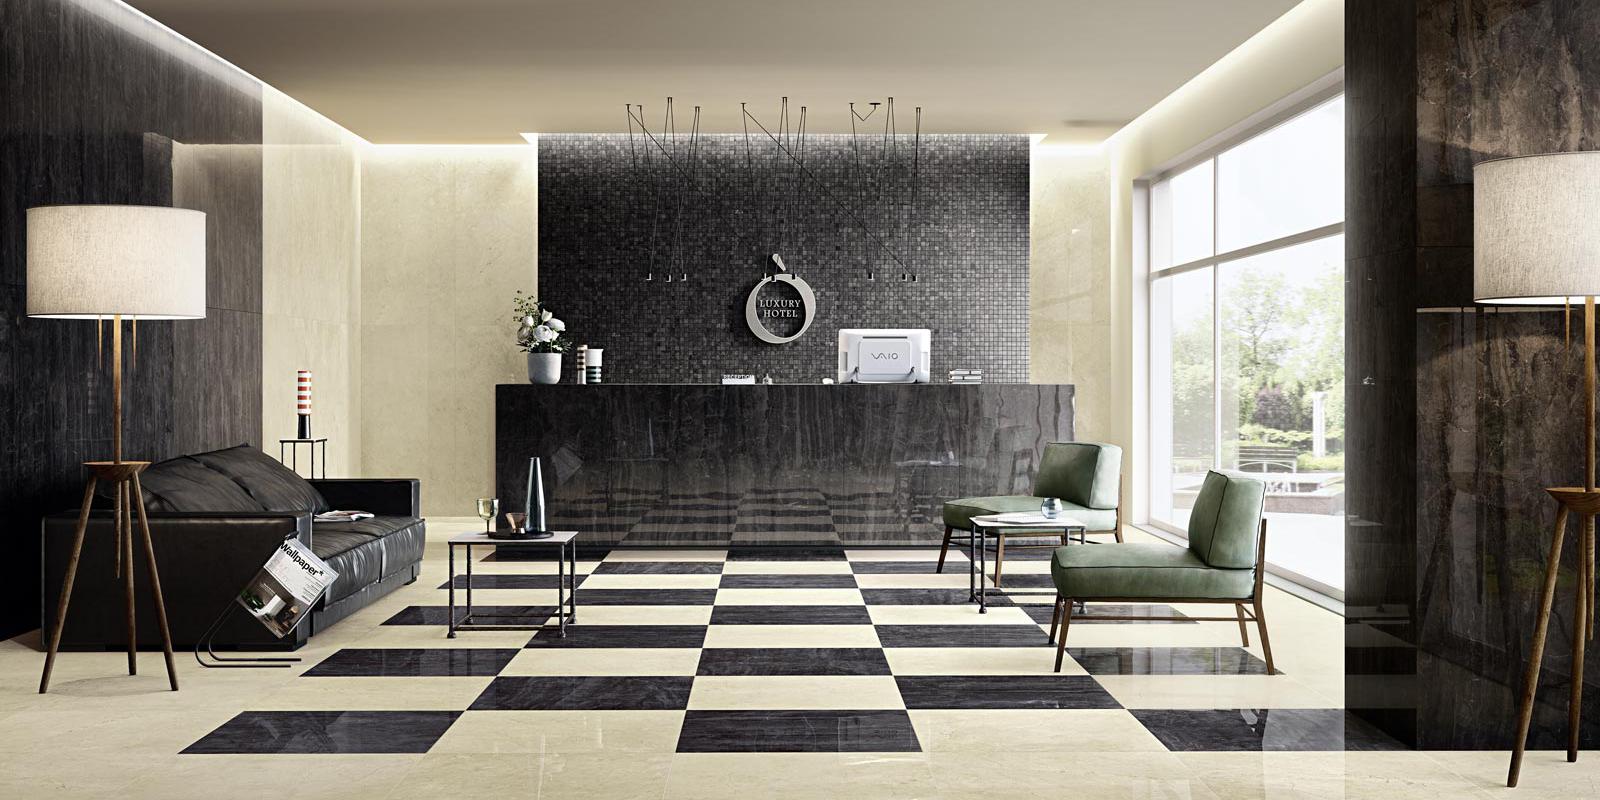 Bistrot ceramiche ragno pavimenti gres porcellanato for Ceramiche gres porcellanato